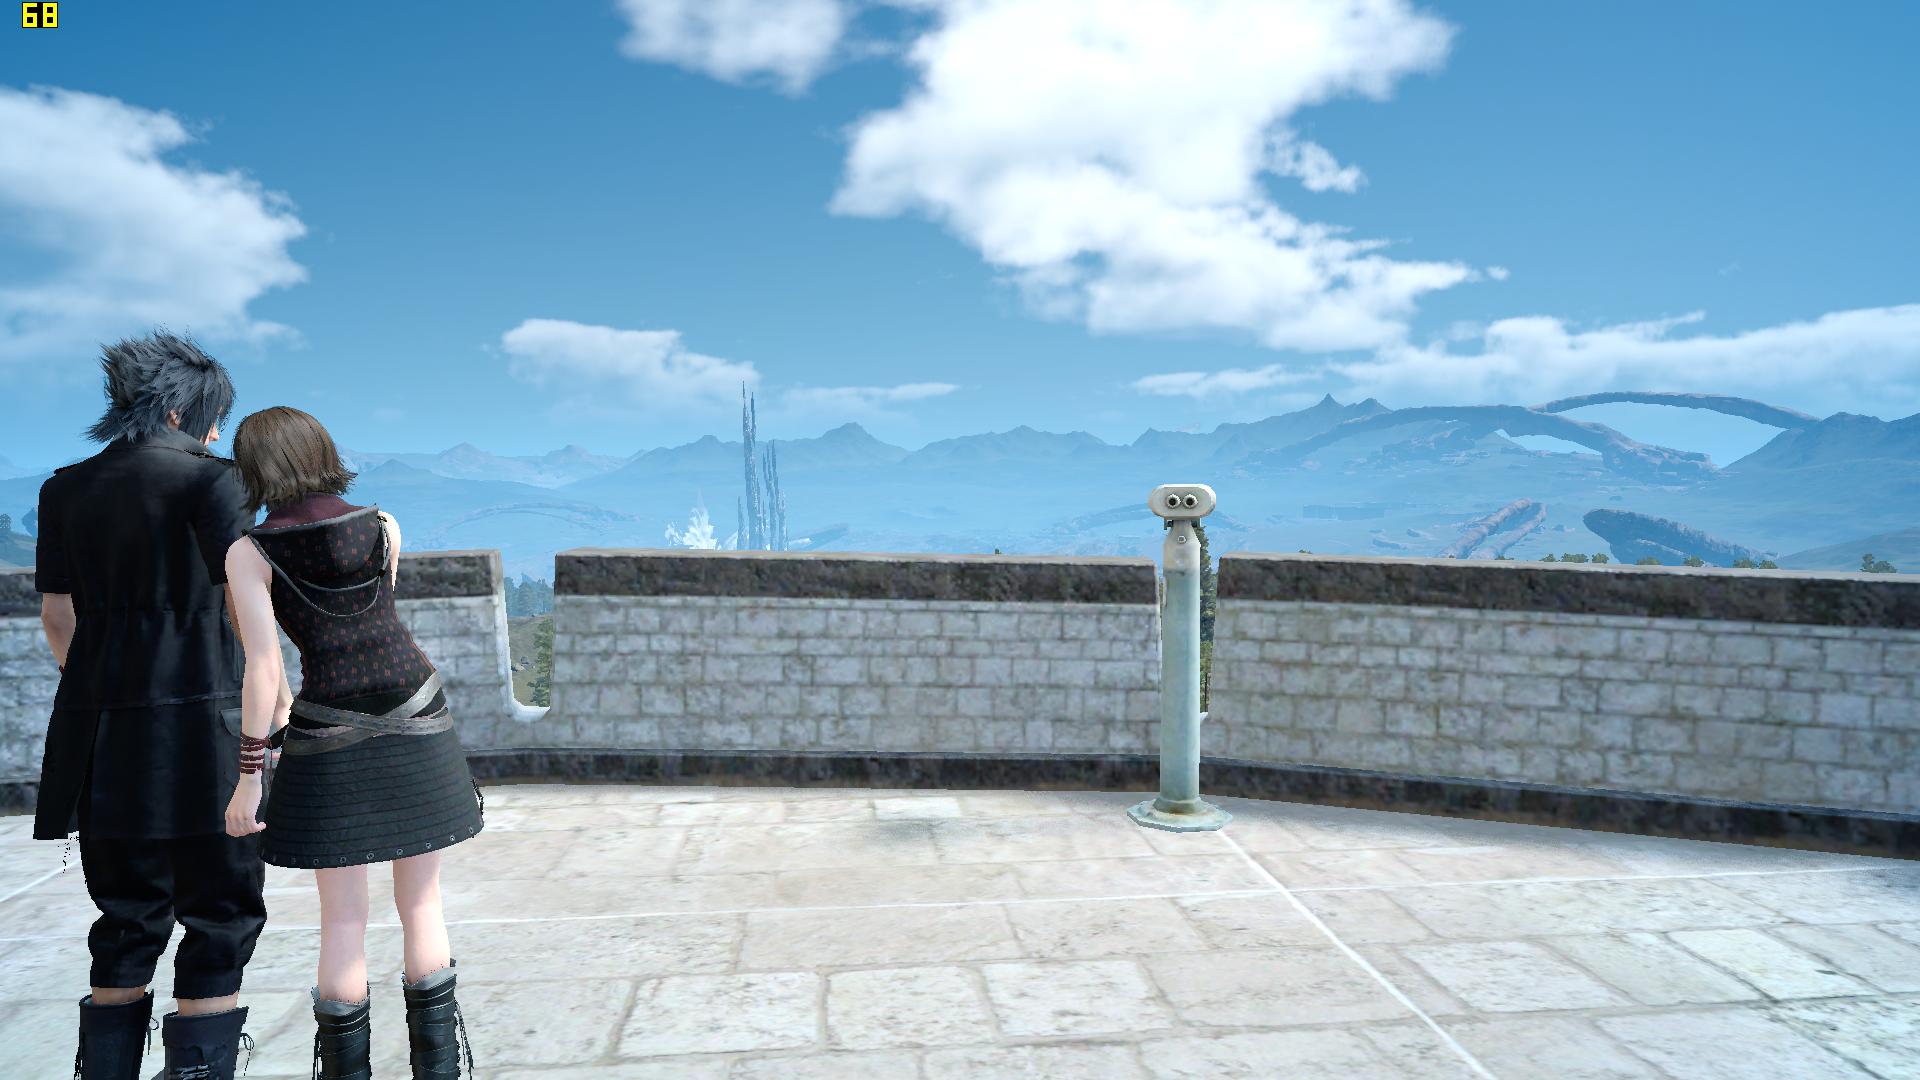 FINAL FANTASY XV Screenshot 2018.09.04 - 20.49.13.68.png - Final Fantasy 15